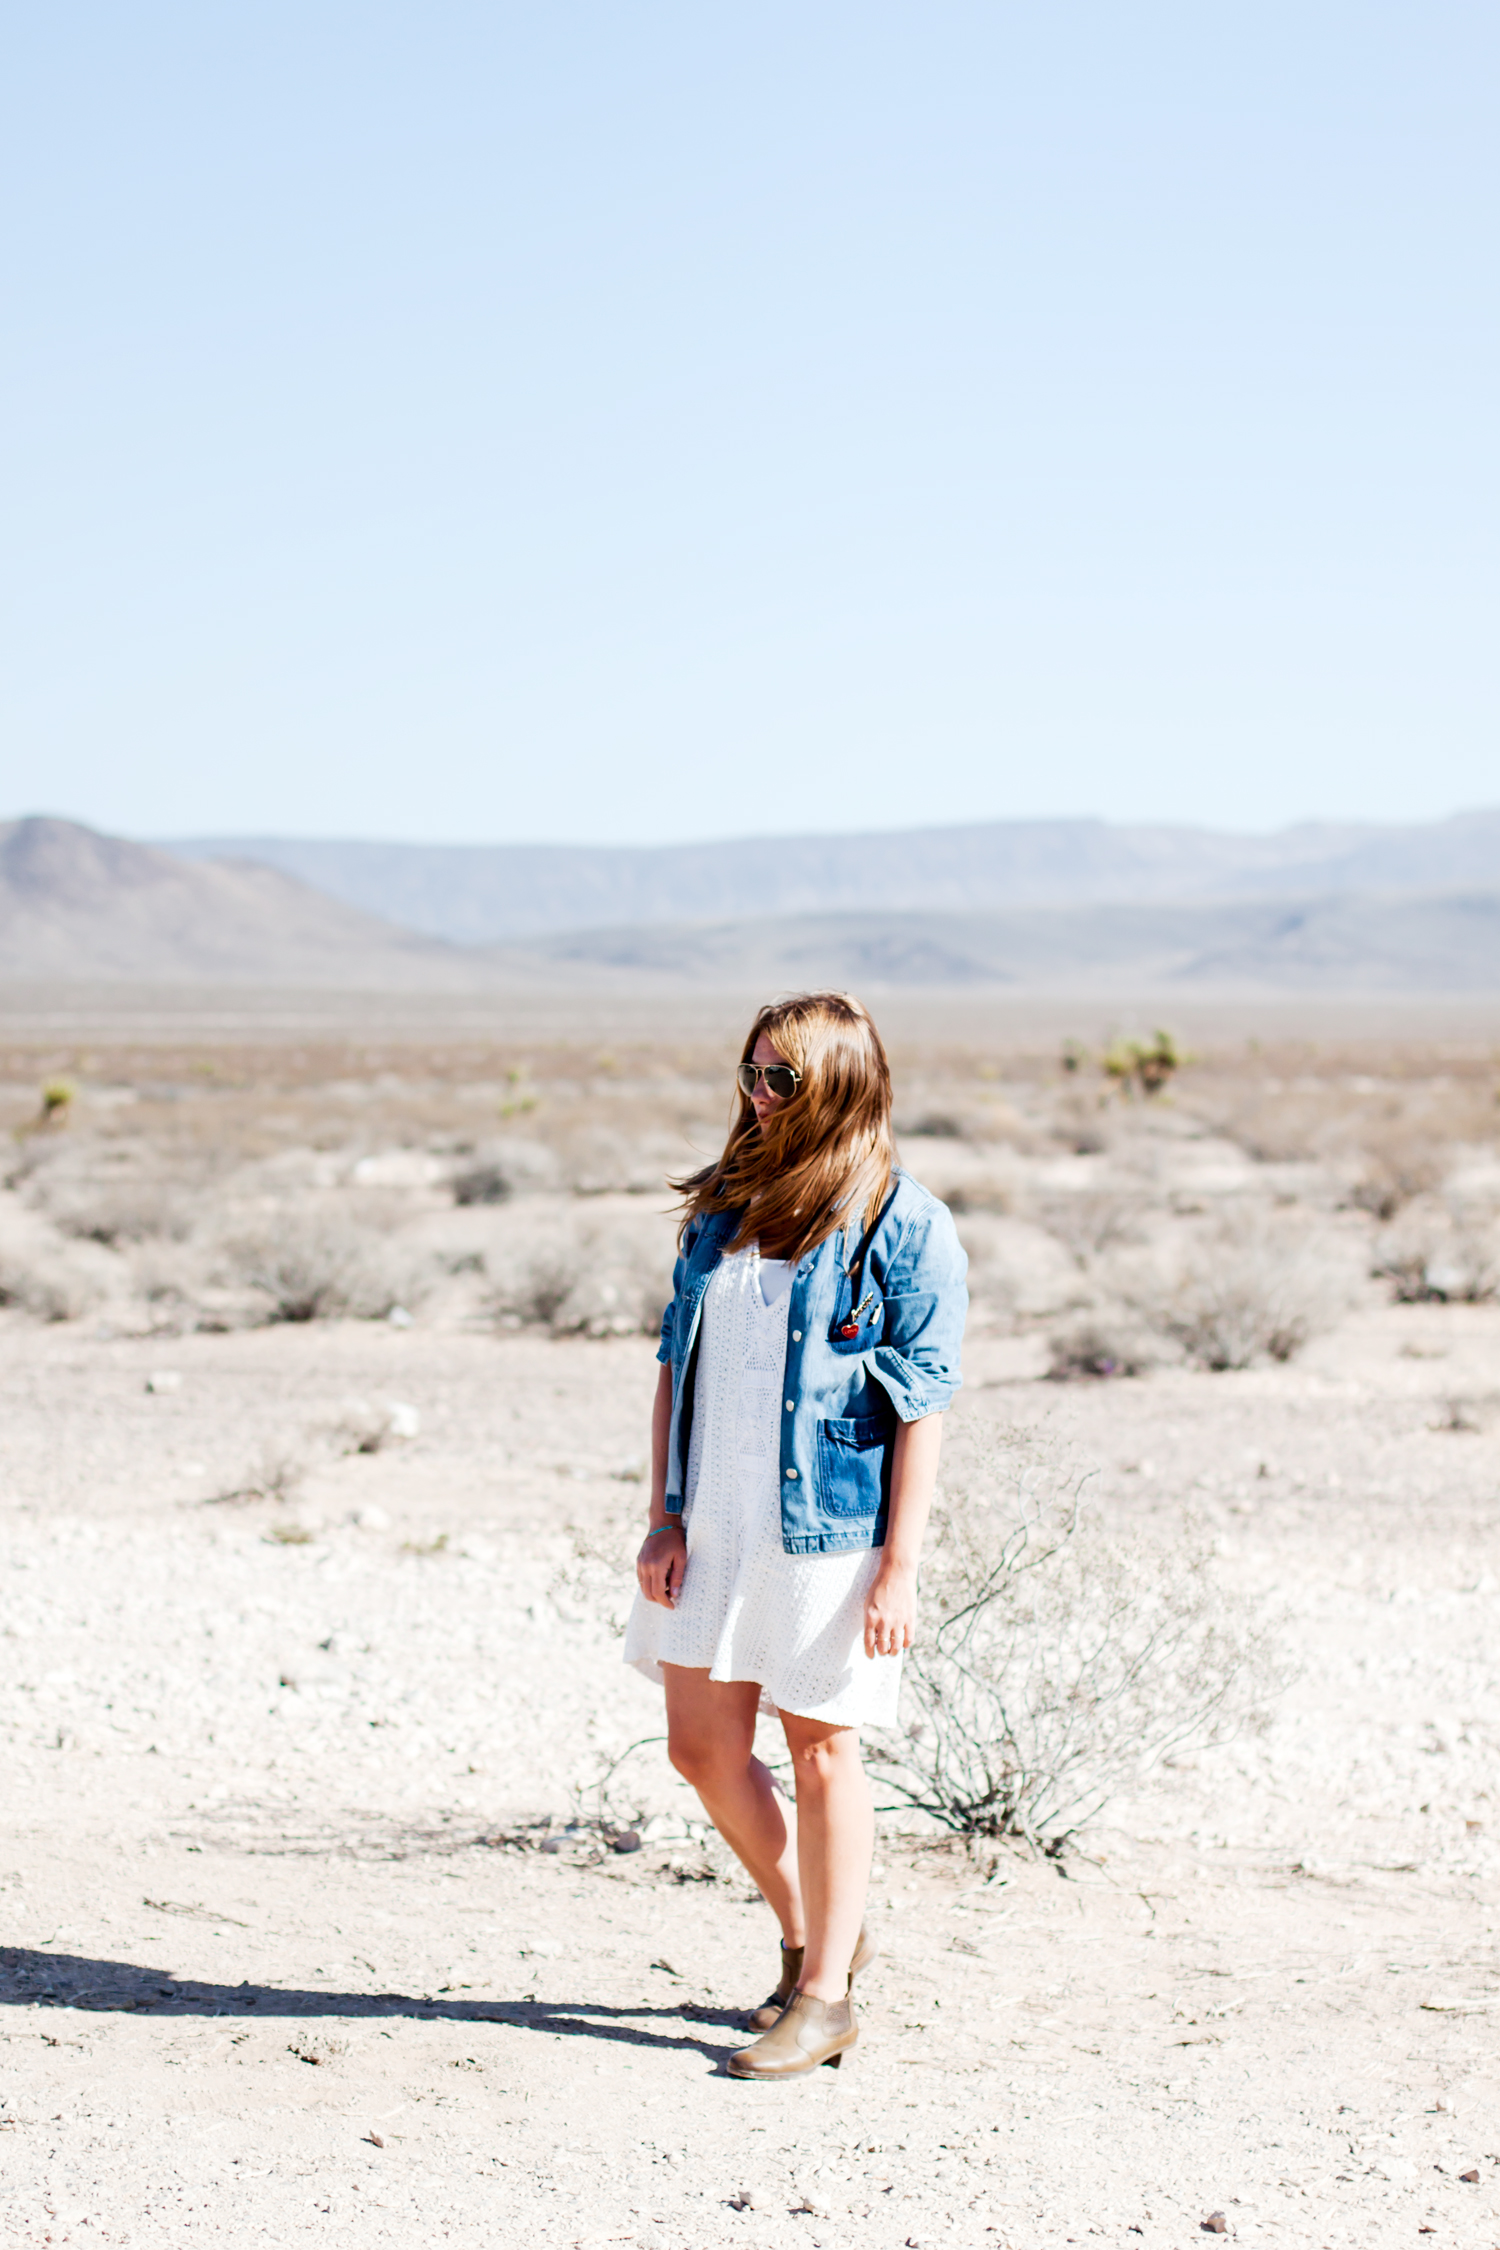 desertdreaming_2